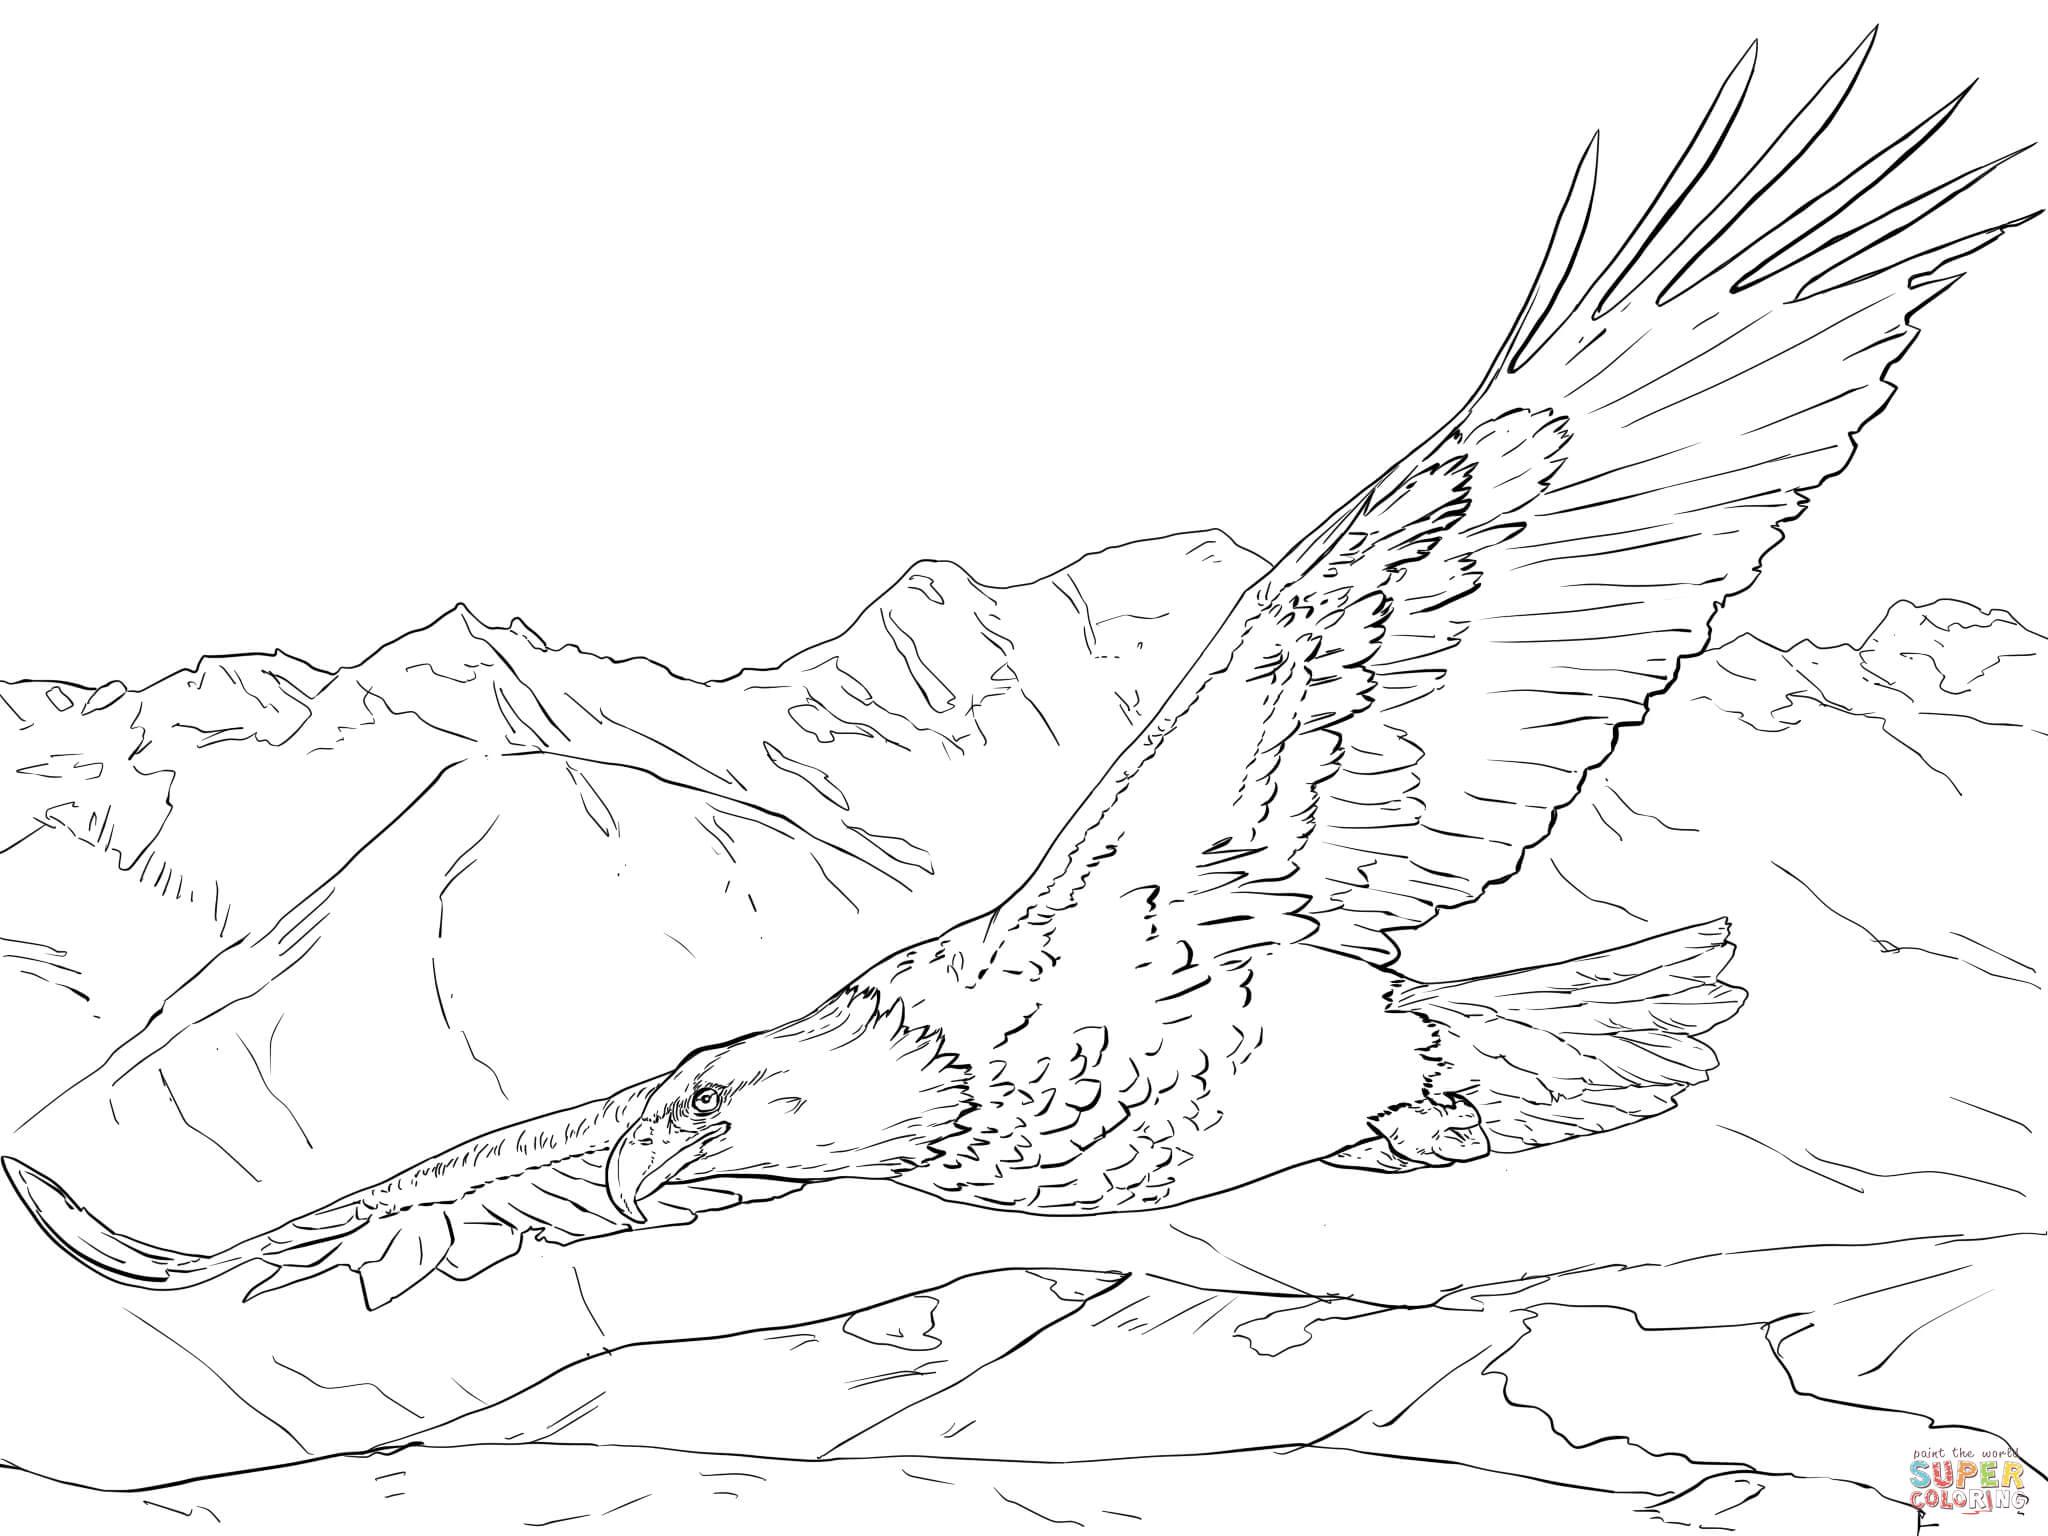 Bald Eagle Coloring Page - Democraciaejustica